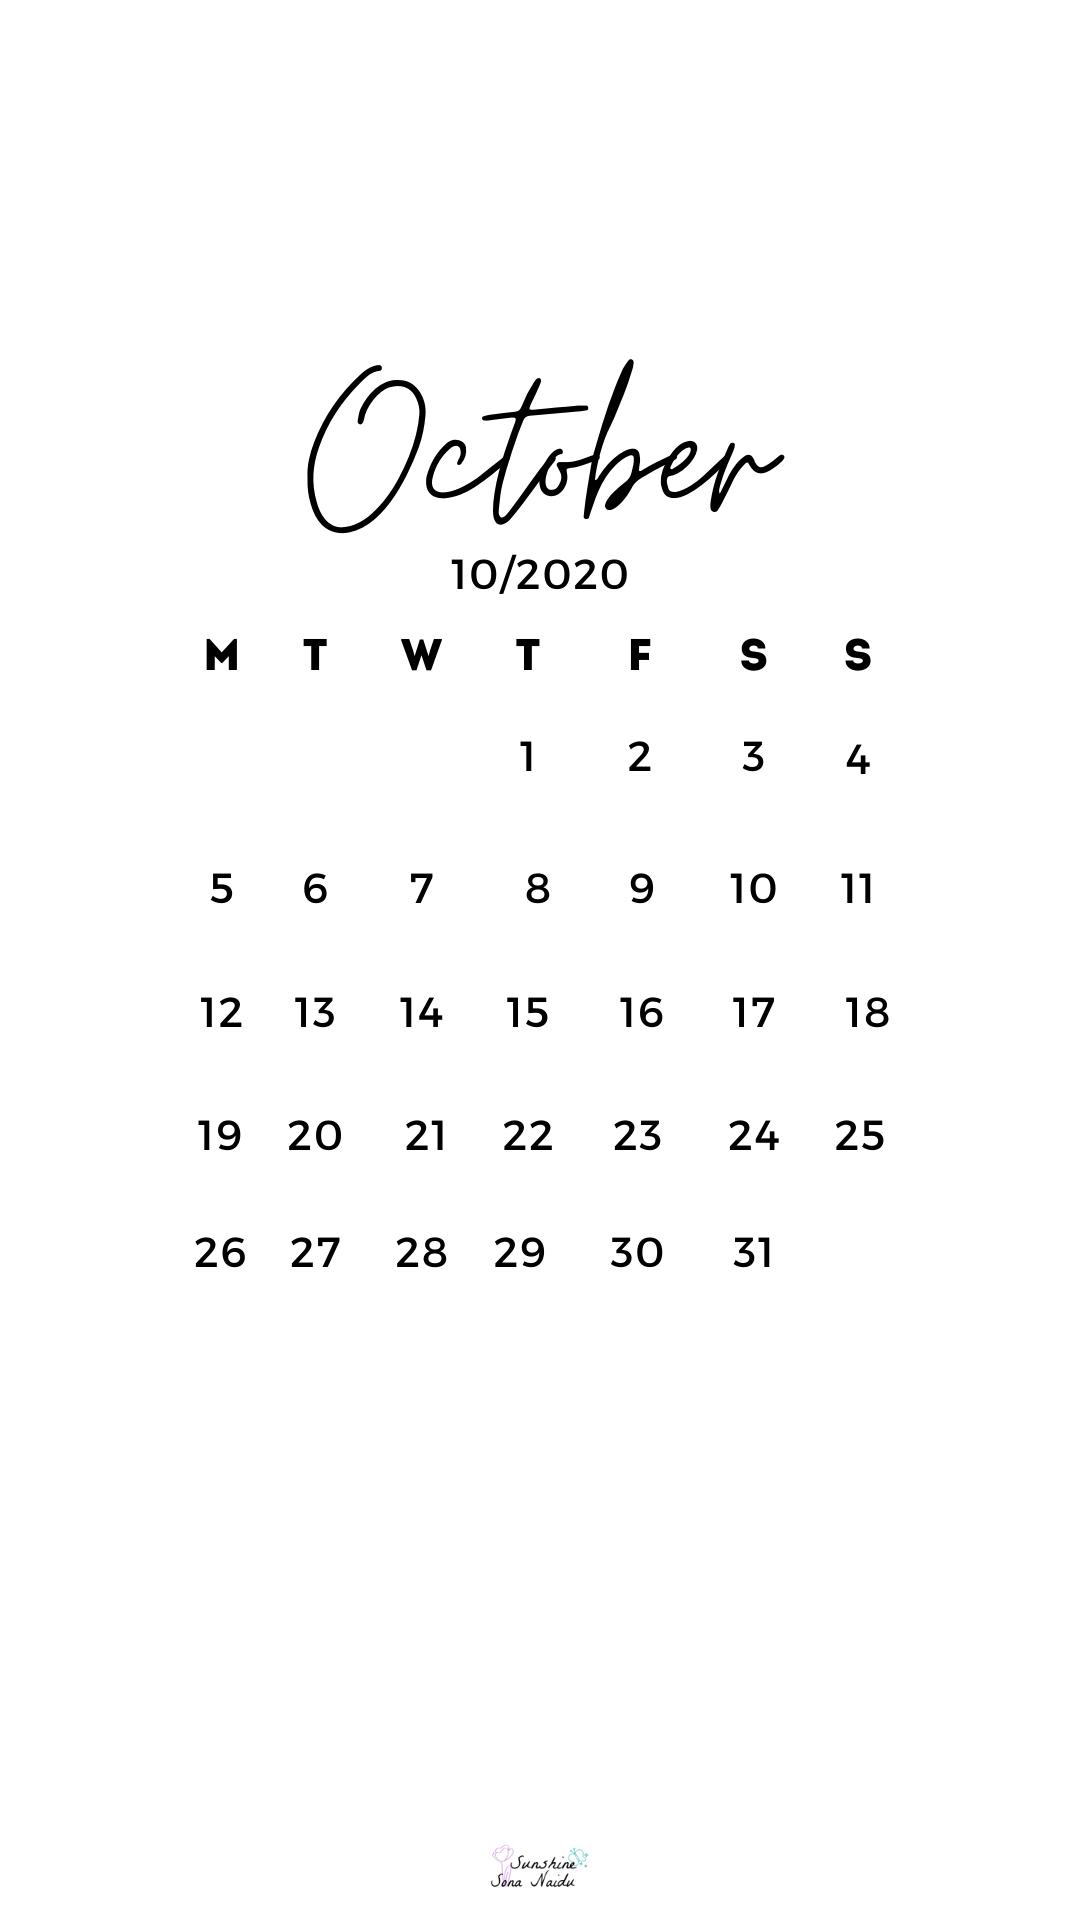 October 2020 Wallpaper In 2020 October Wallpaper October Calendar Calendar Wallpaper